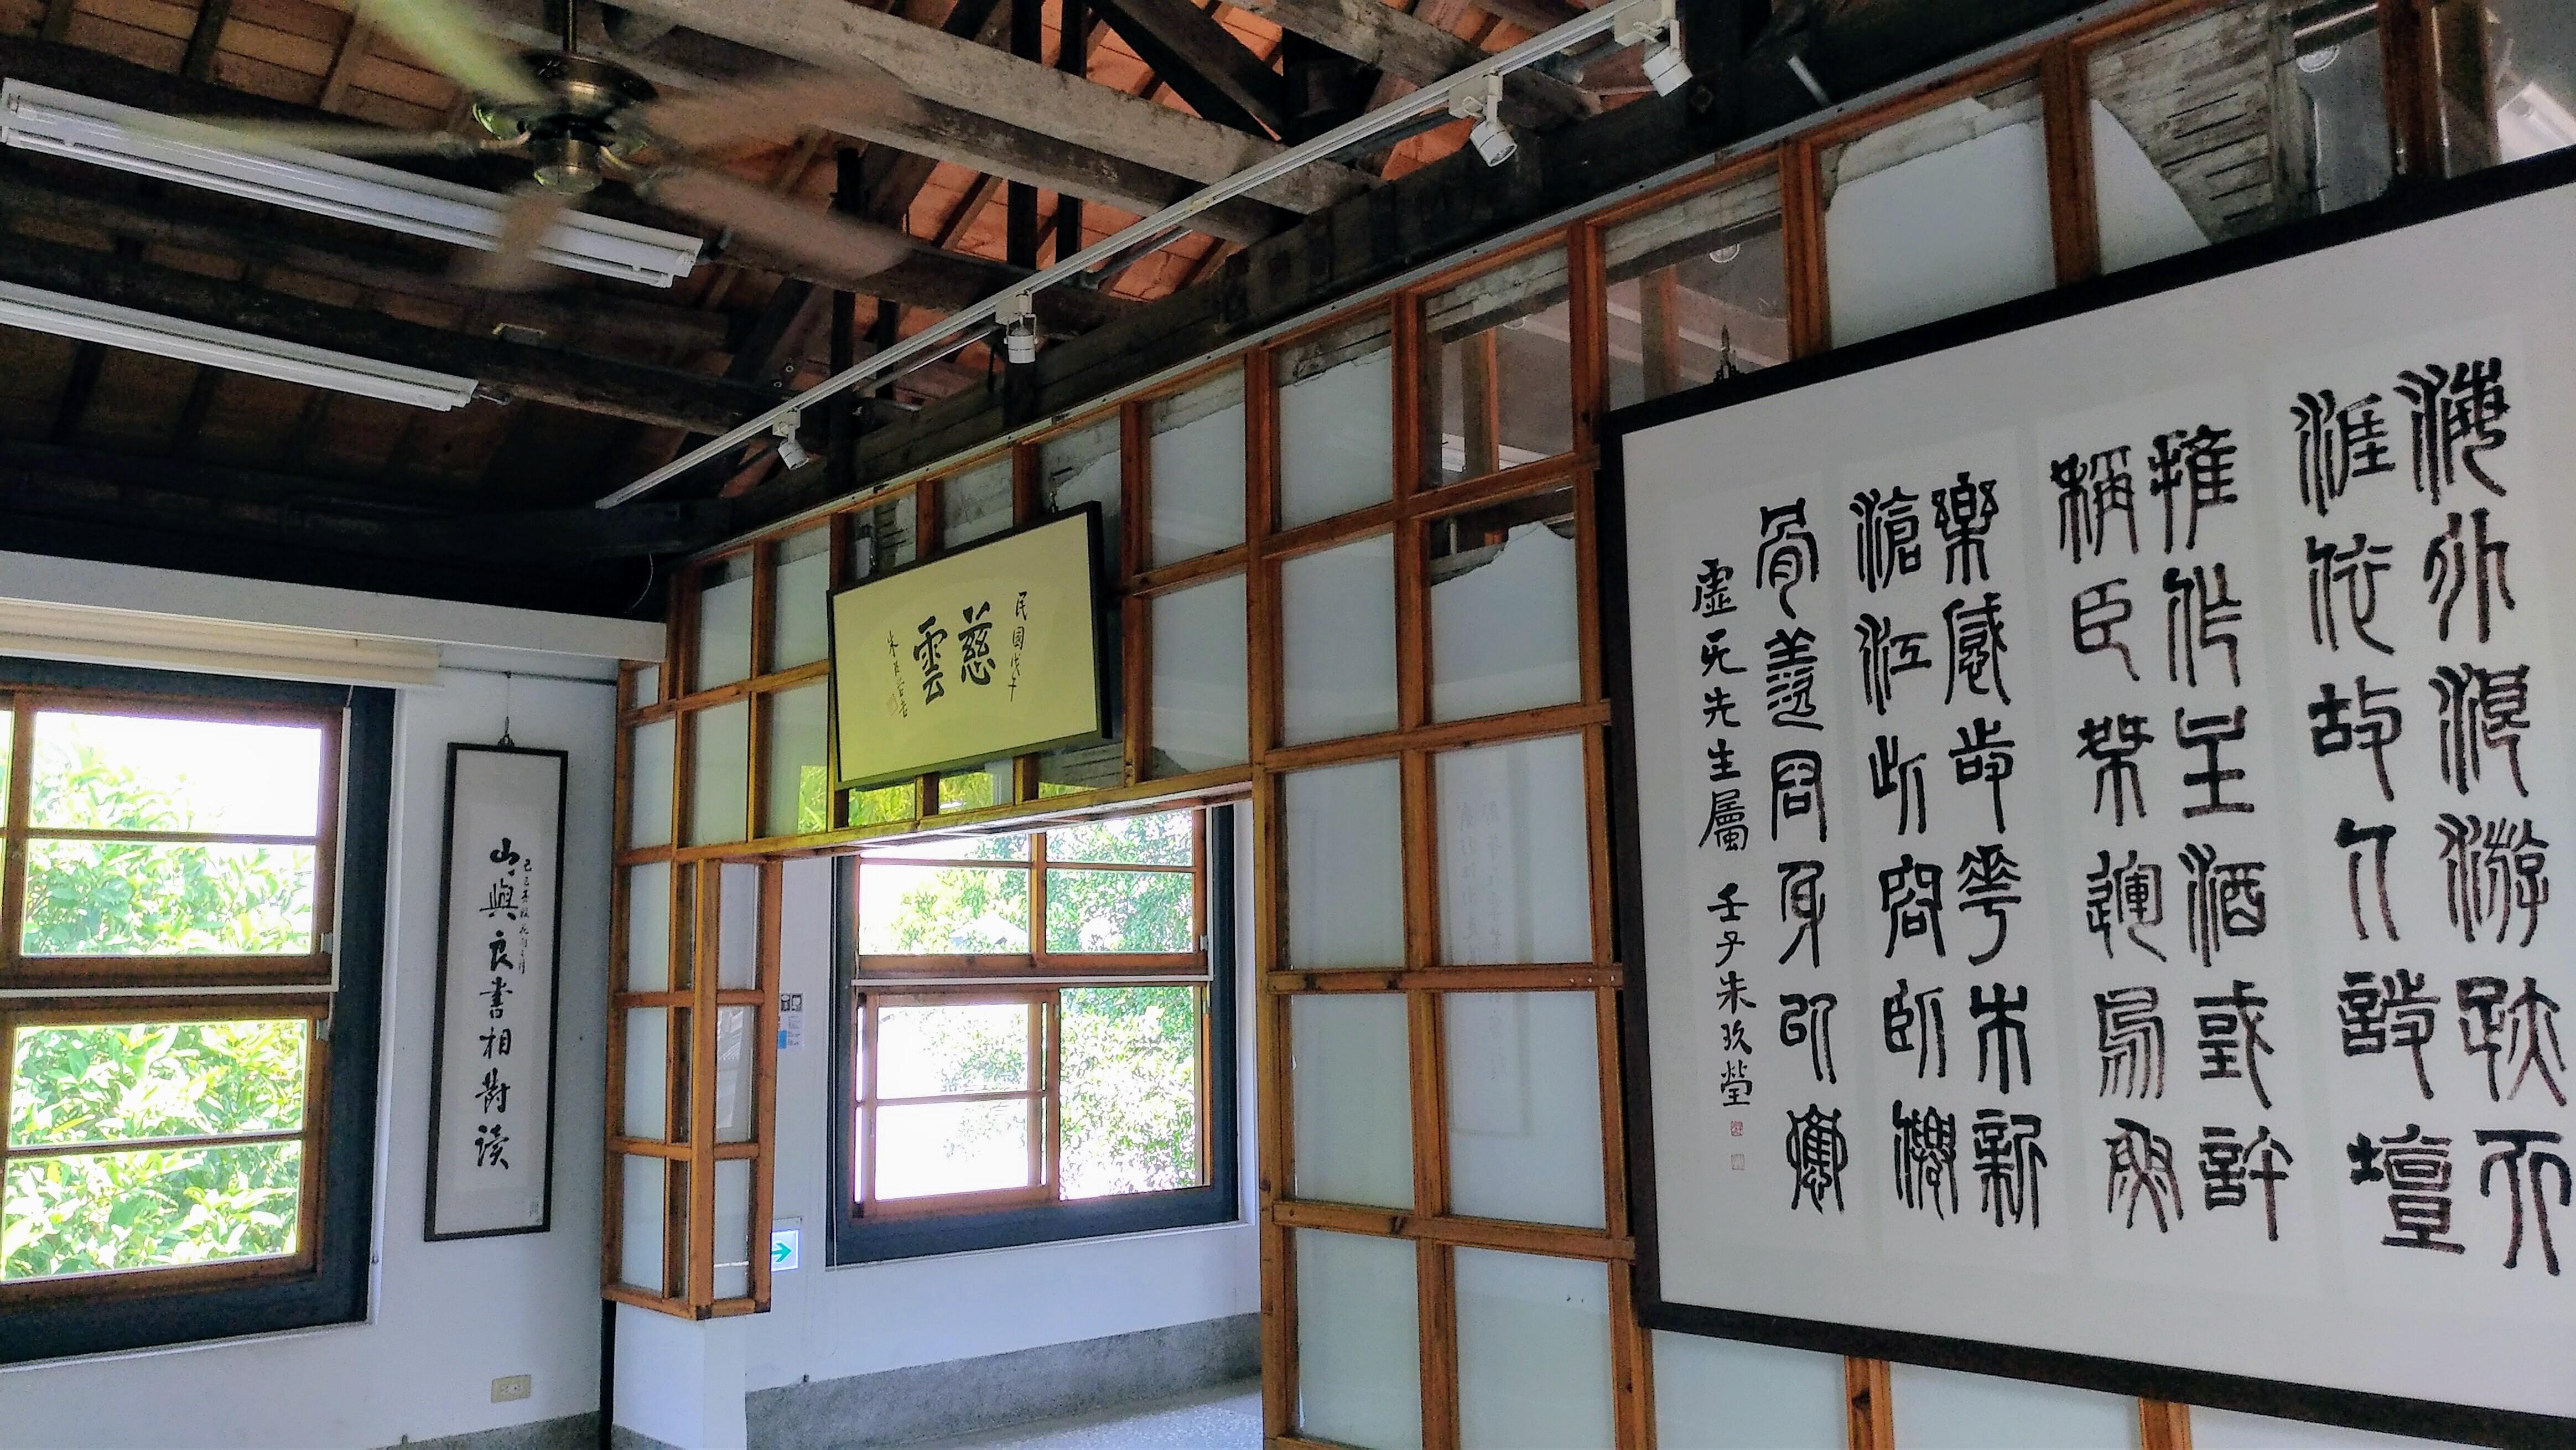 【臺南安平景點】樹屋裡的攝影展 – La Vita